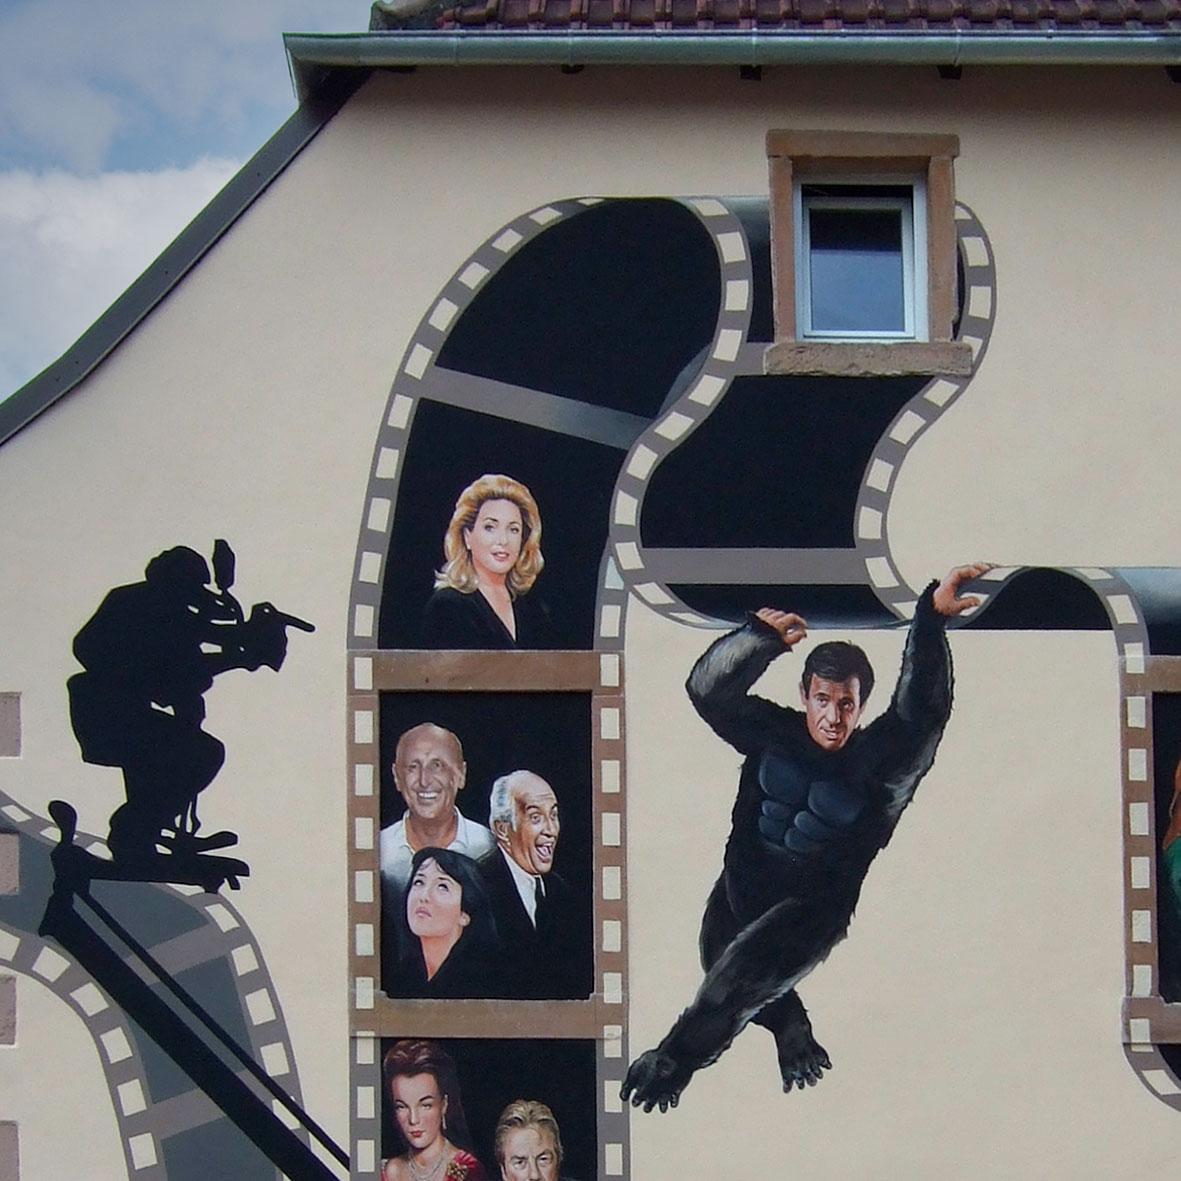 Le cinéma français à Wisches. Fresque de Roland Perret. illusions-murales.com